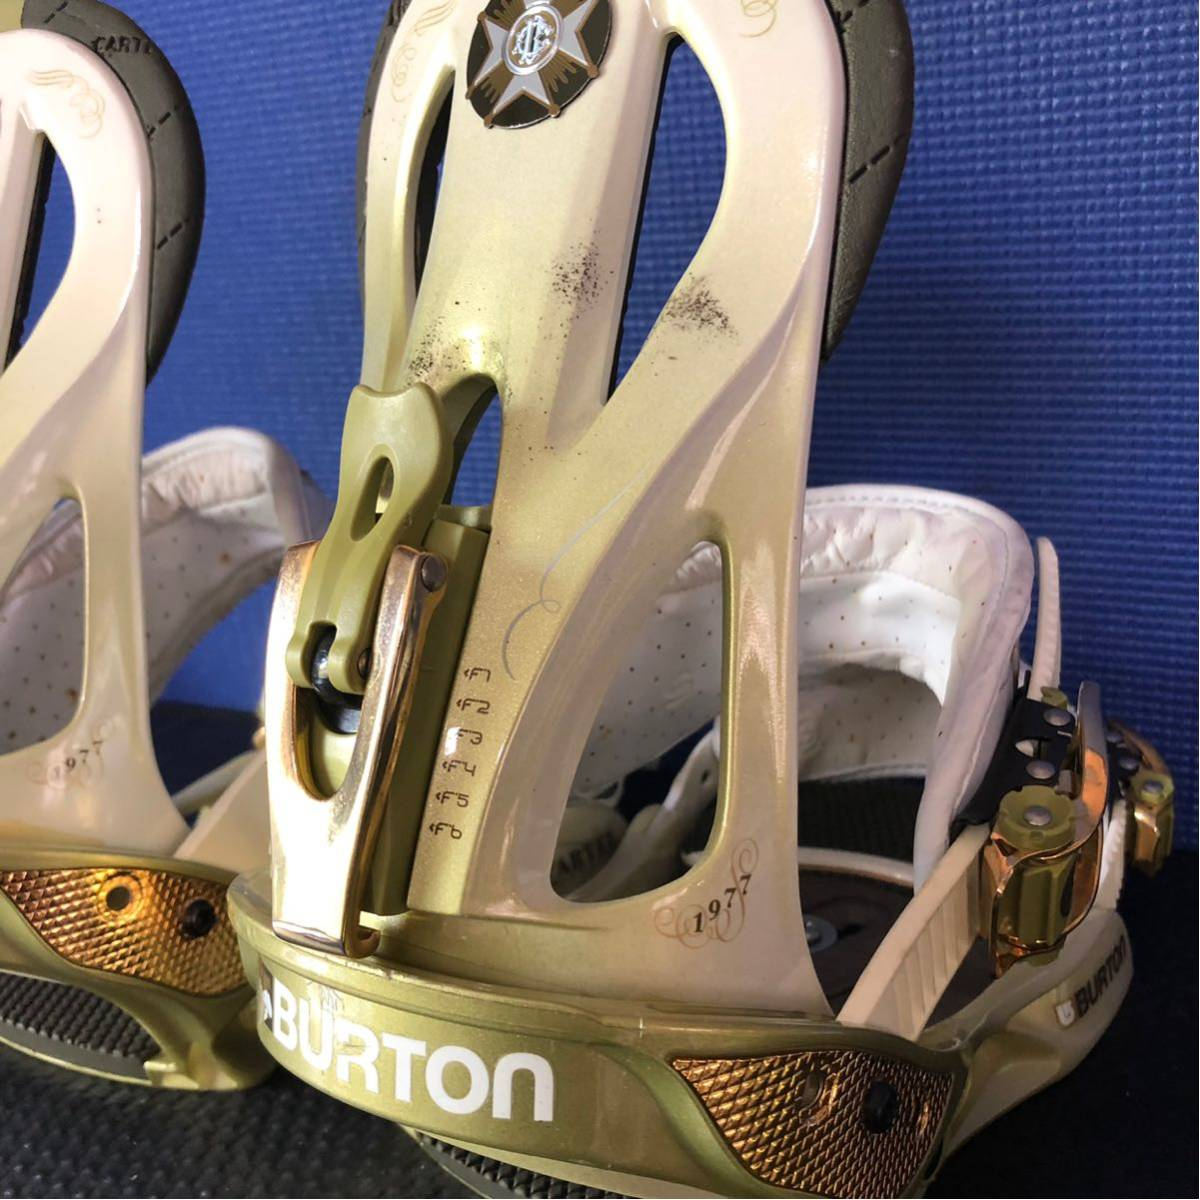 【BD010】激安!! BURTON (バートン) / モデル: CARTEL / サイズ: M / スノーボード・バインディング 初心者歓迎!!_画像4